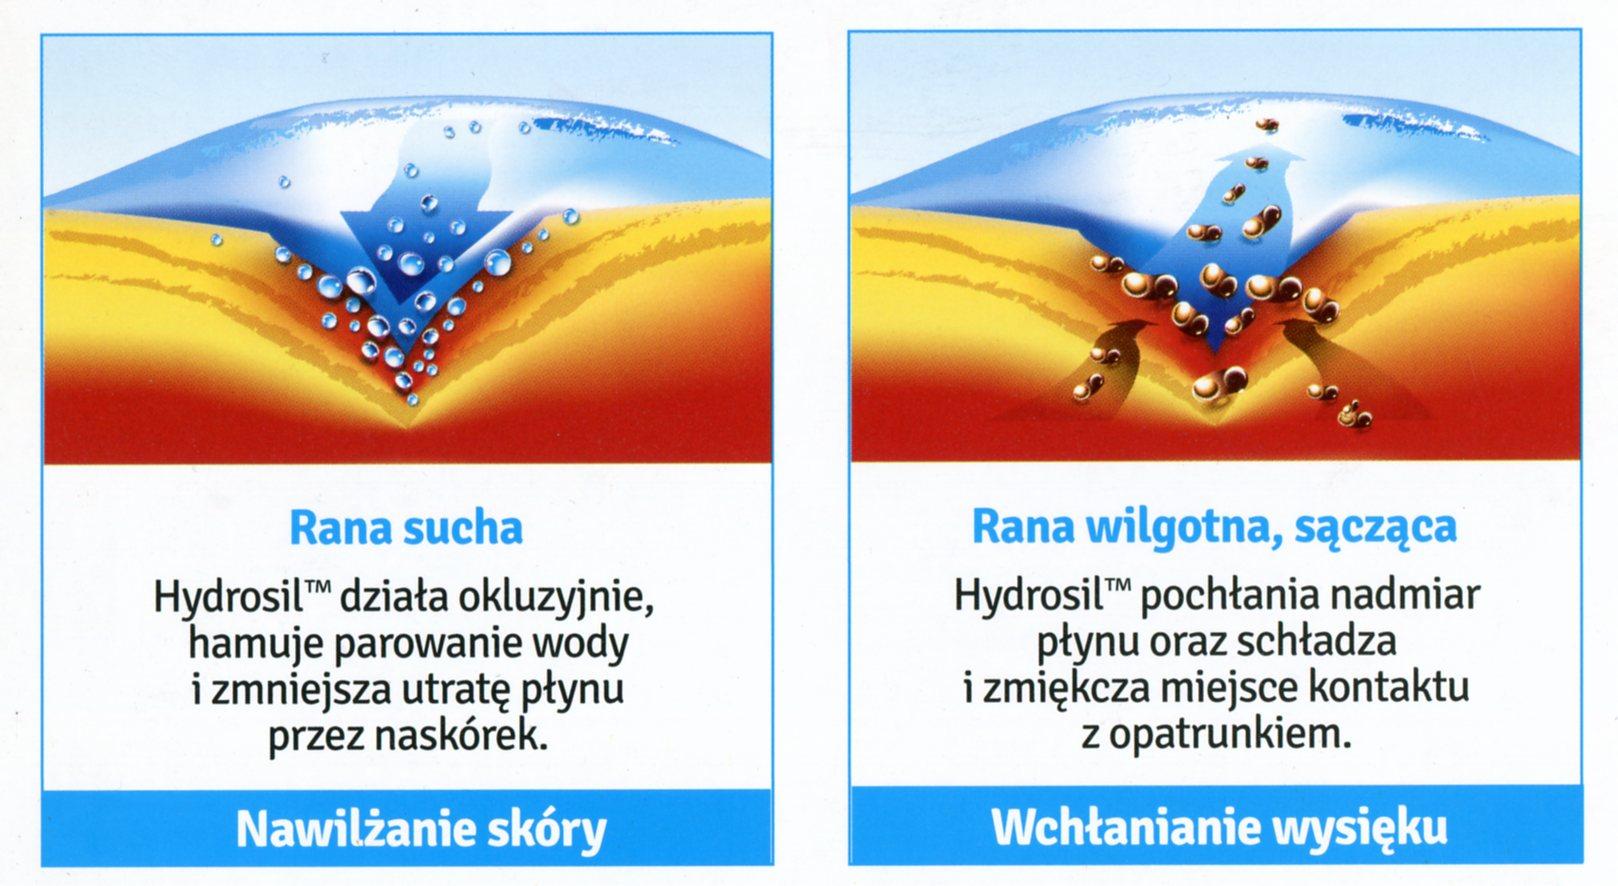 Hydrosil sposób działania